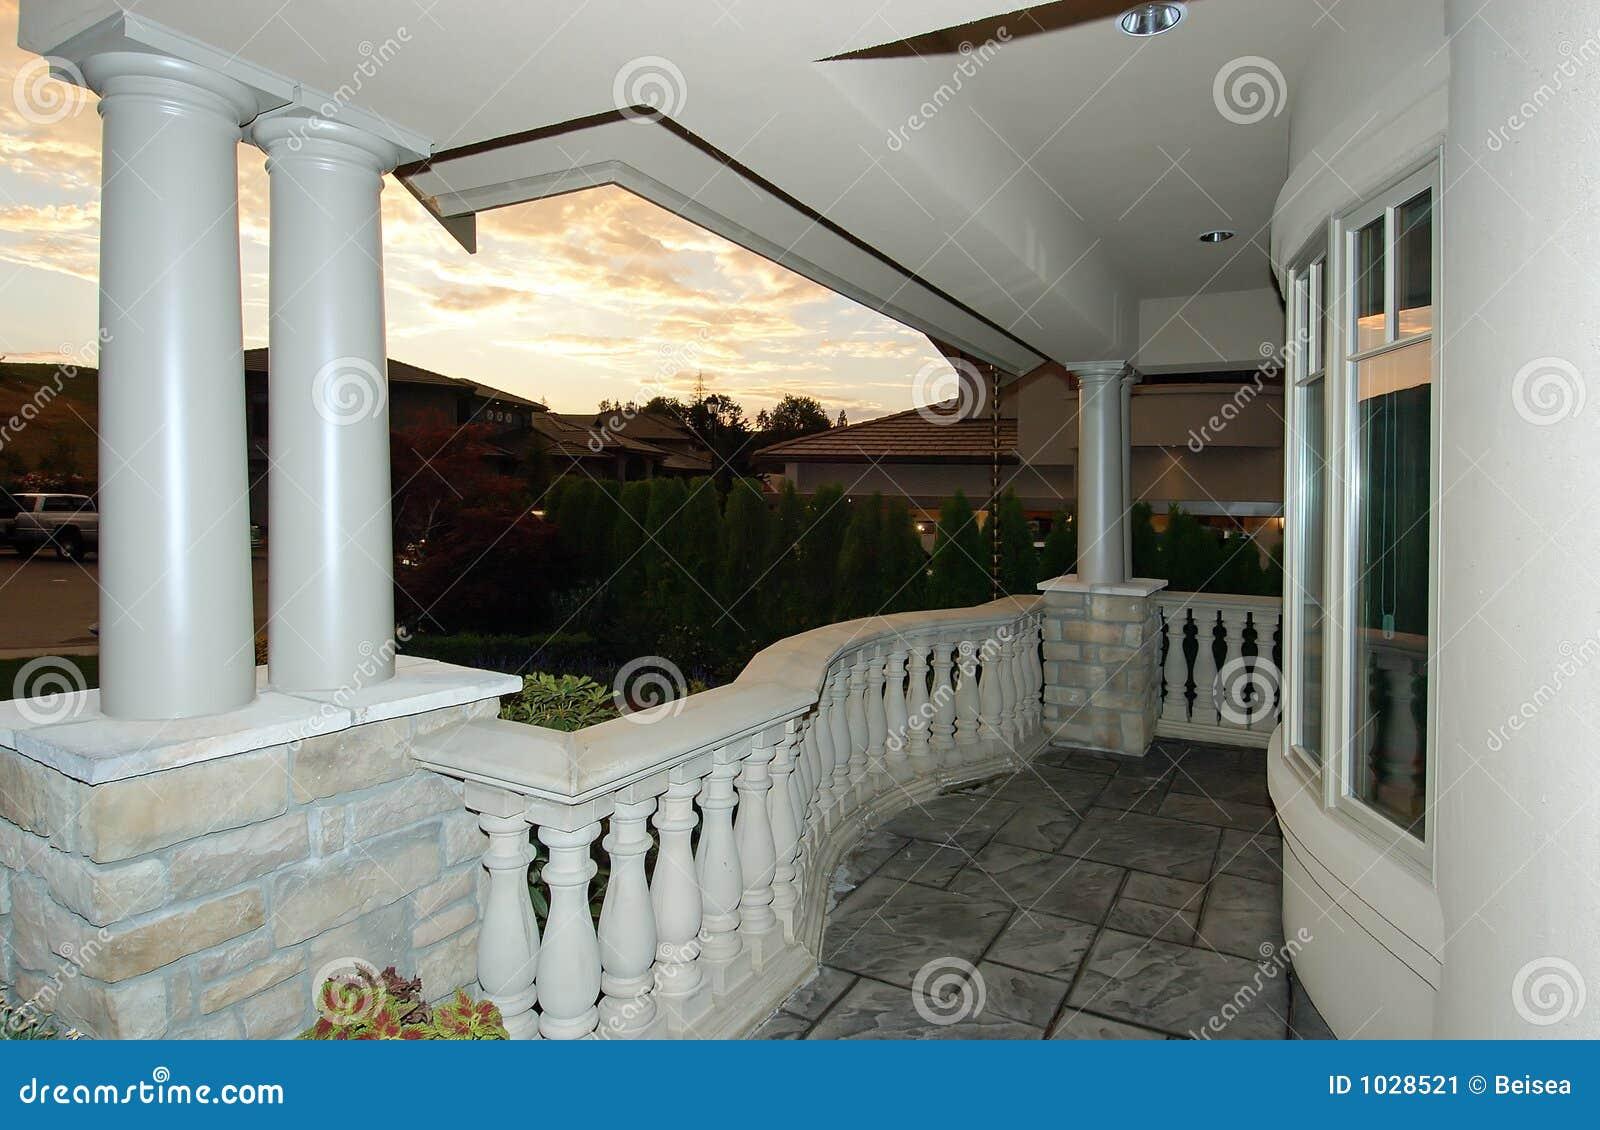 Casa Di Lusso Al Crepuscolo Immagine Stock - Immagine: 1028521